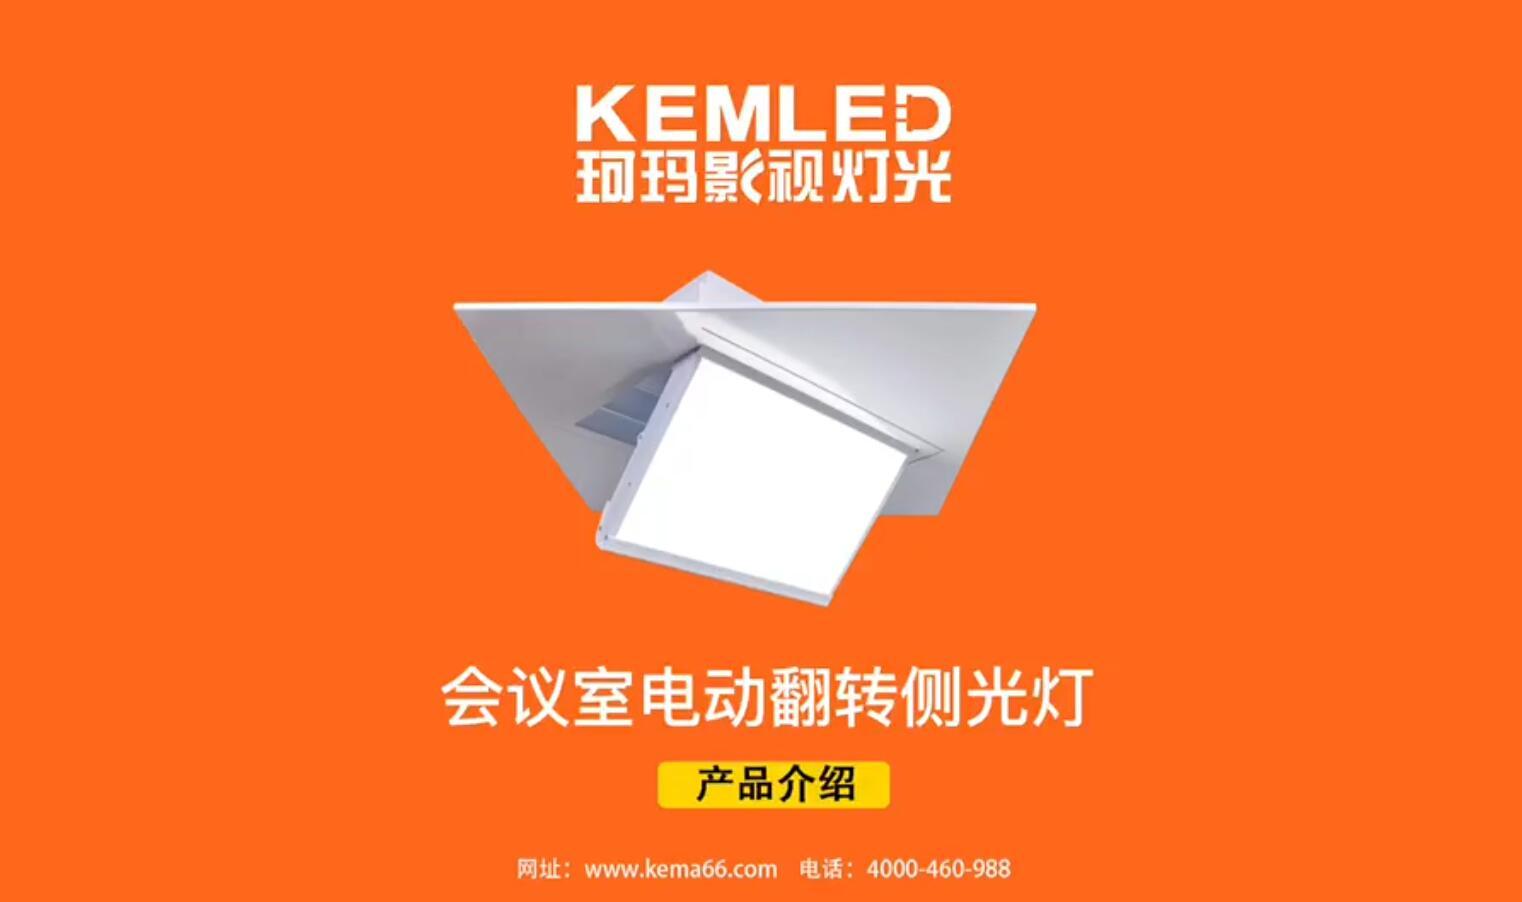 KM-H10D防黑脸LED电动翻转会议室灯